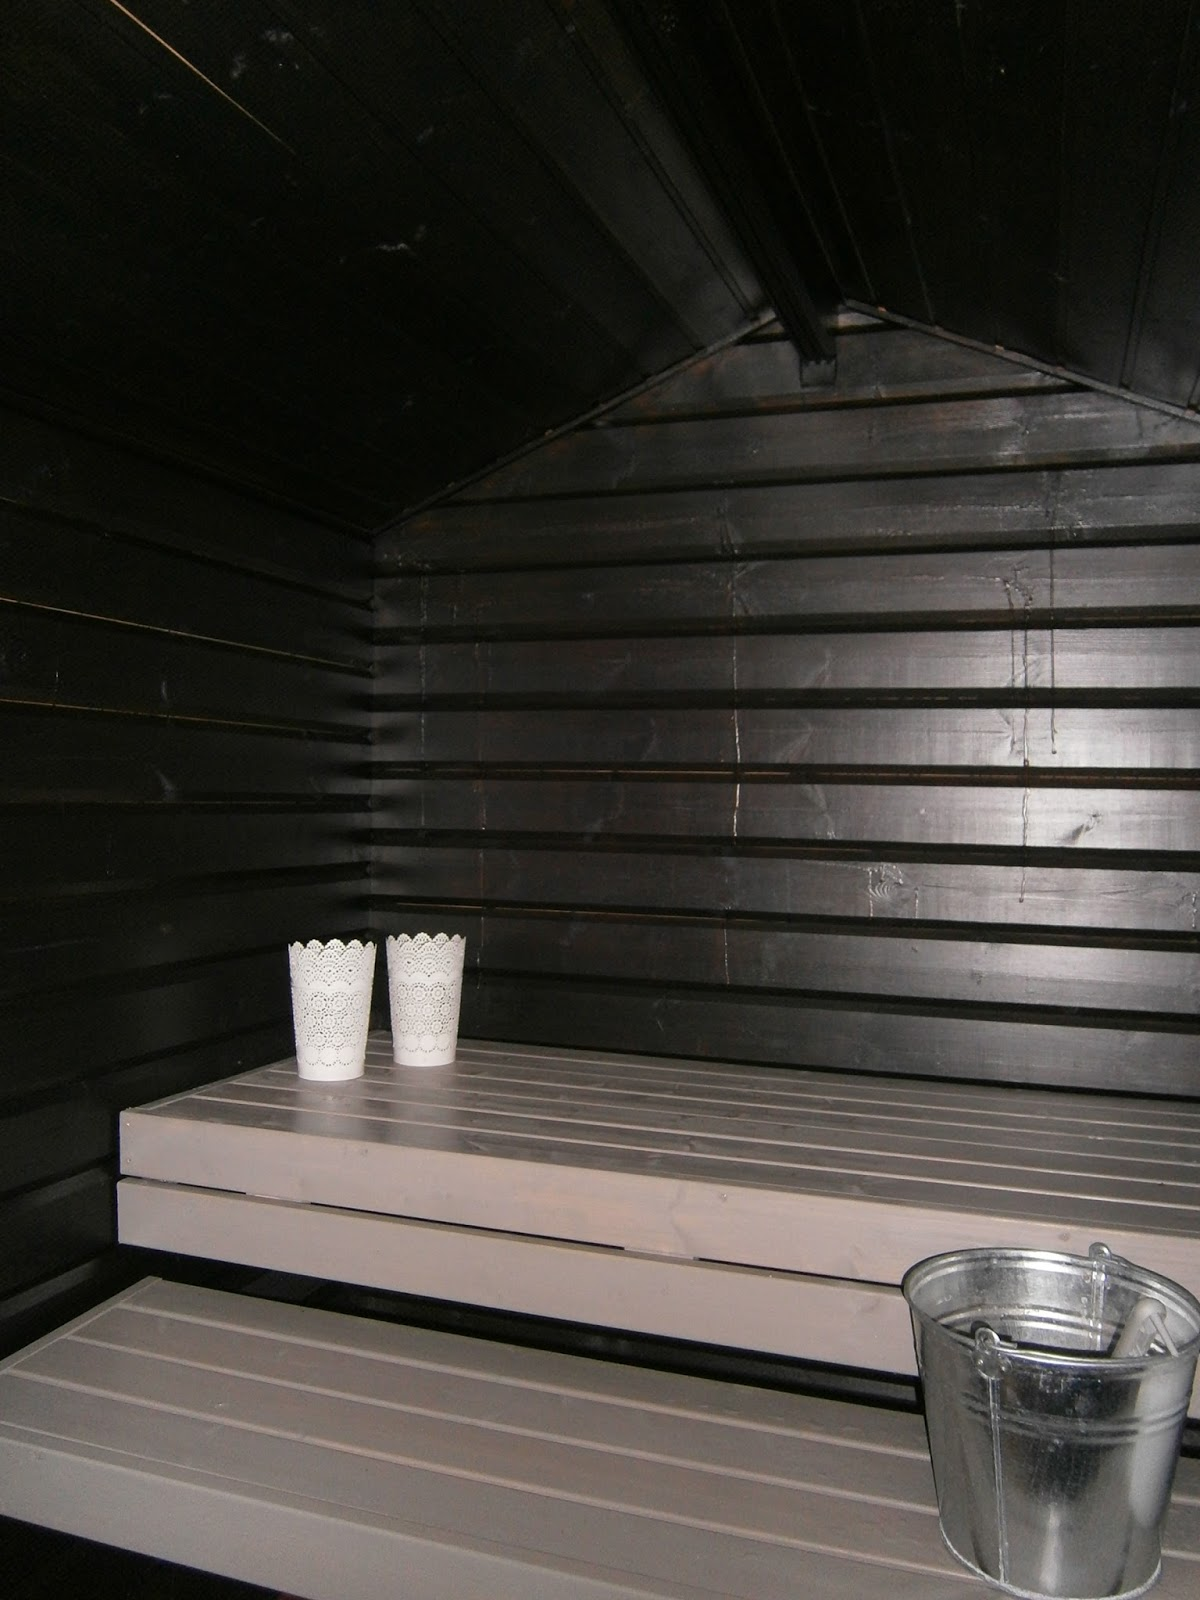 saunan pesuvesien käsittely